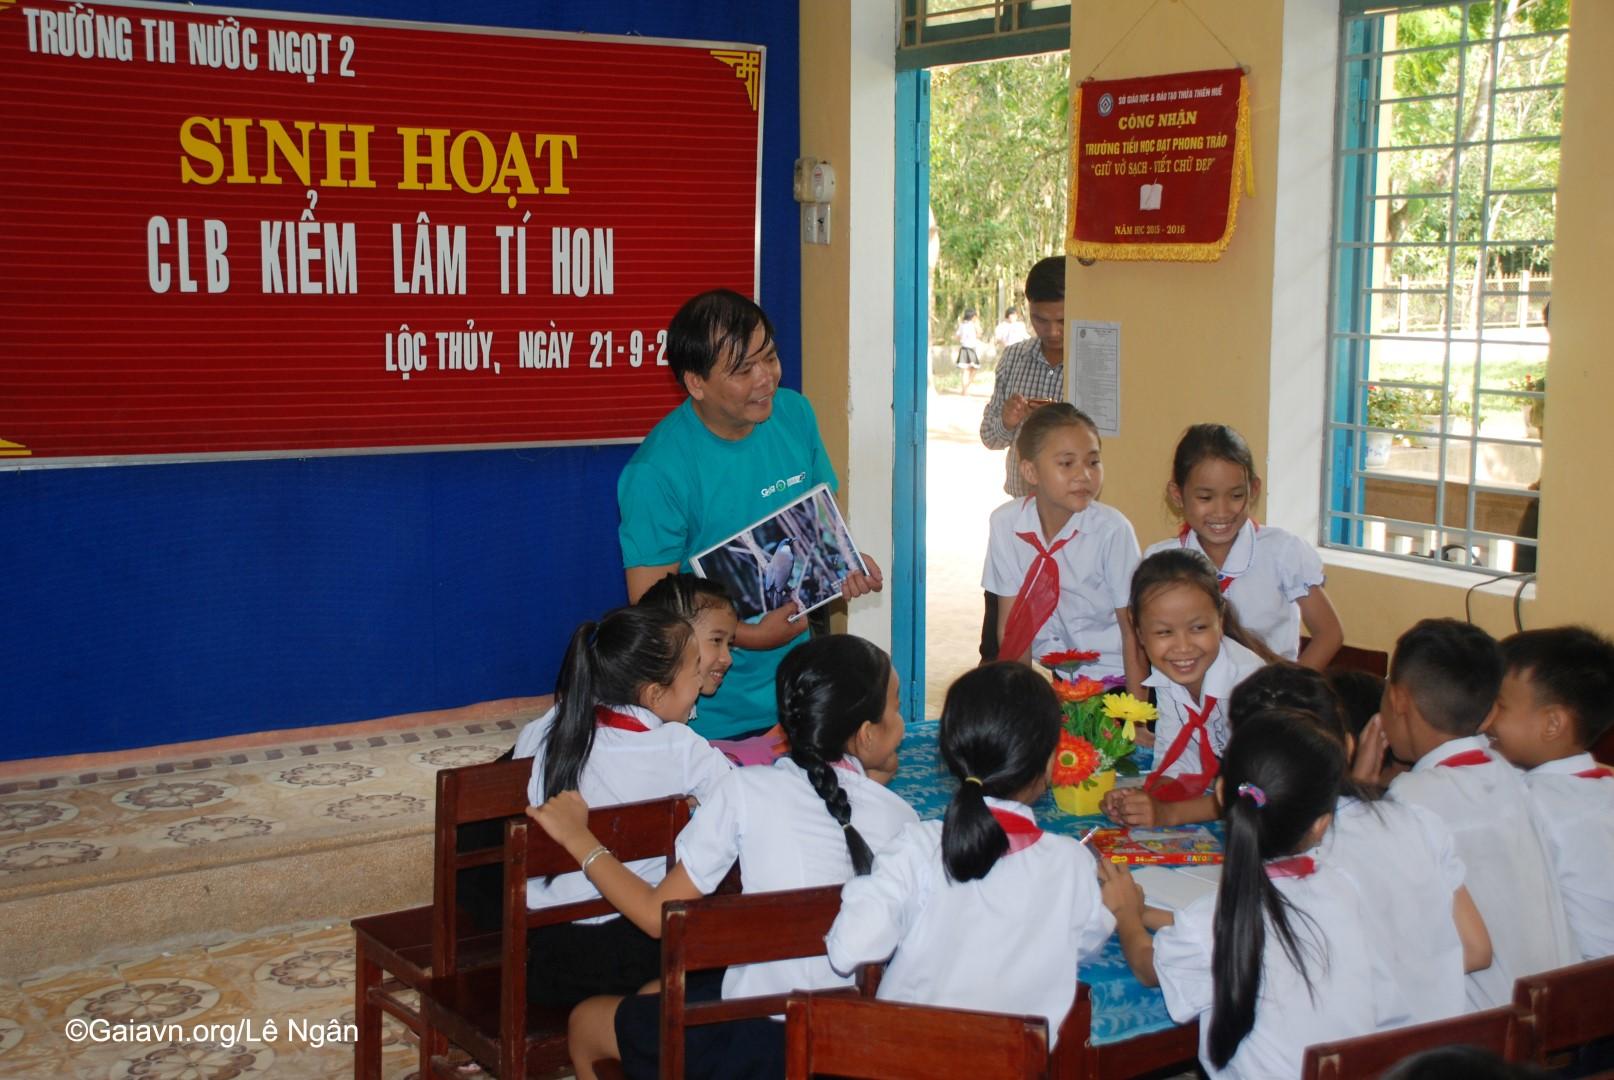 """Buổi sinh hoạt câu lạc bộ """"Kiểm lâm Tí Hon"""" tại trường Tiểu học Nước Ngọt 1"""